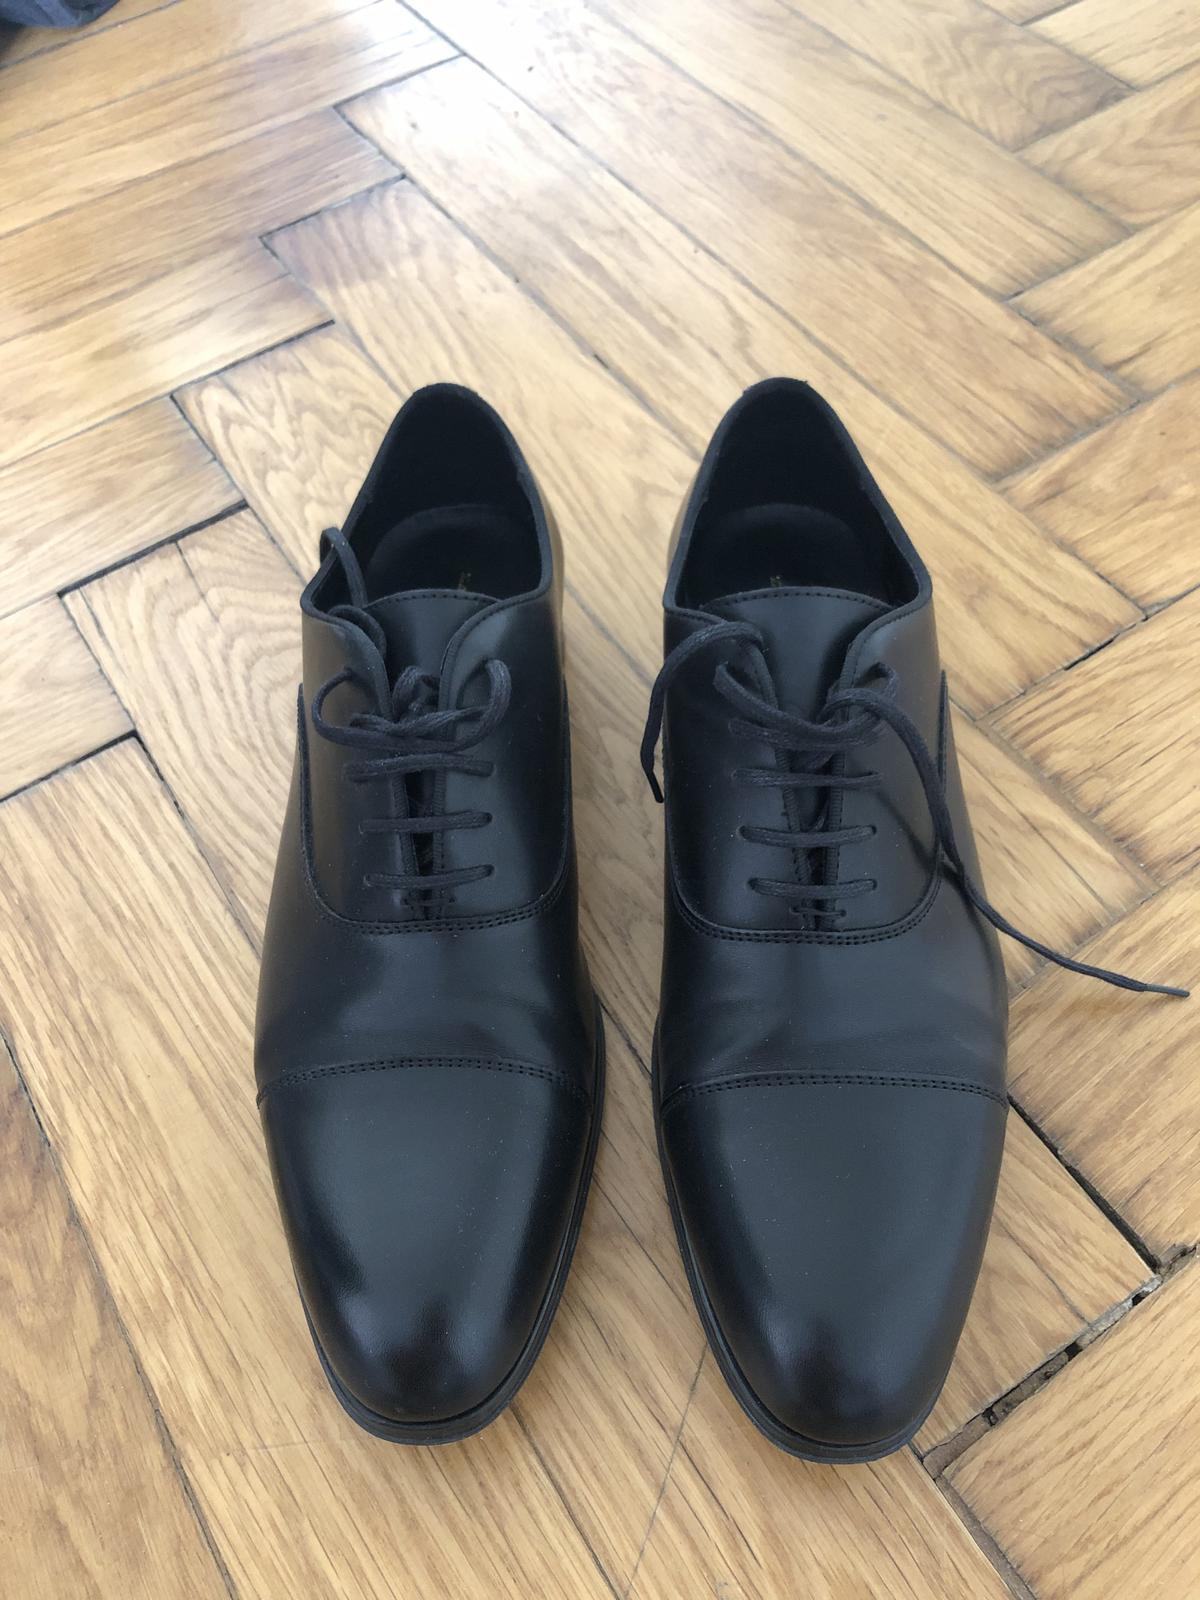 552f413973 Společenské boty k obleku zara